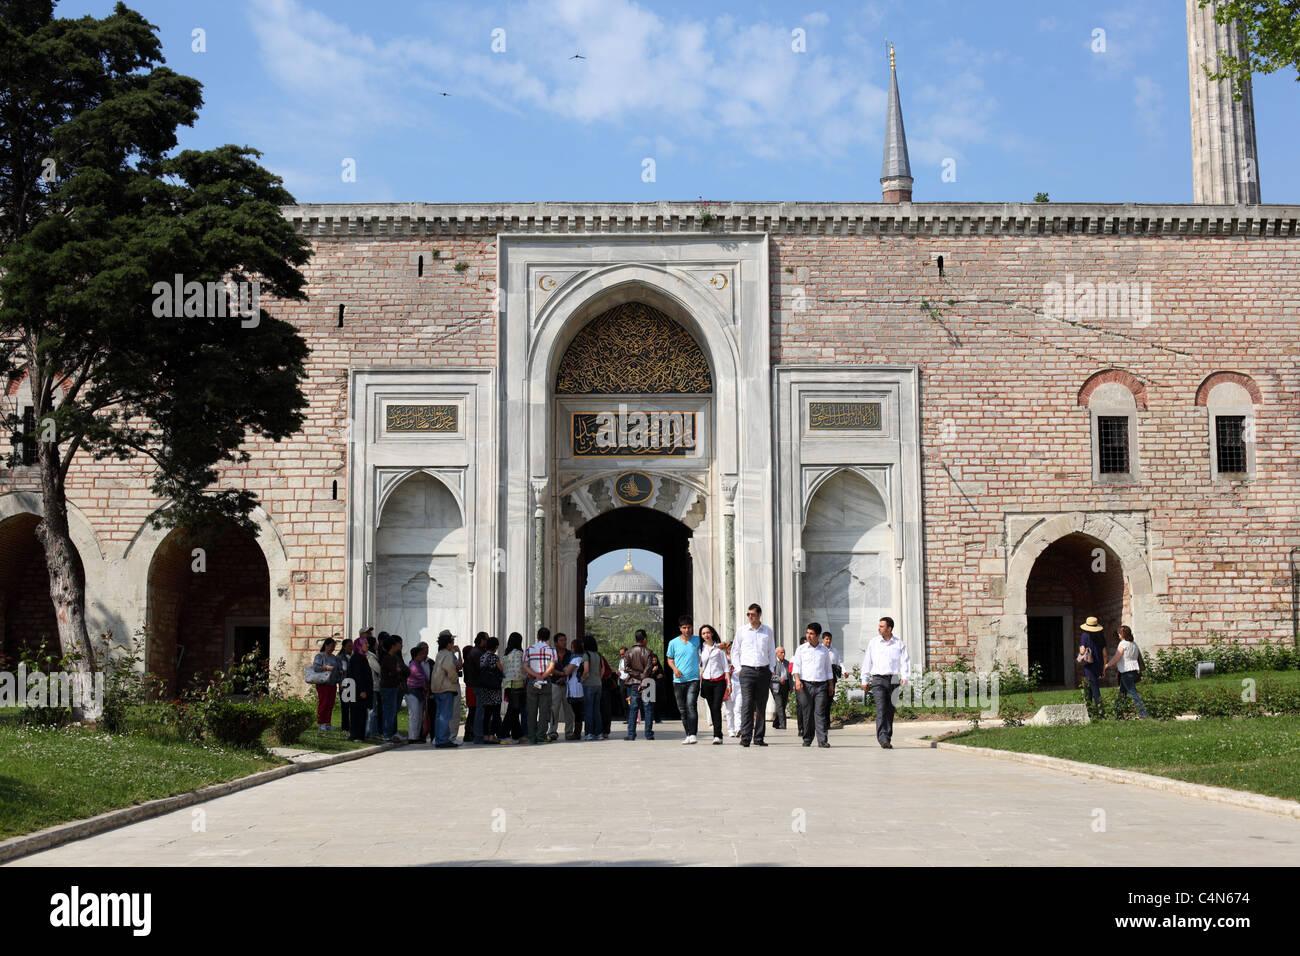 Cancello di ingresso al Palazzo del Topkapi ad Istanbul in Turchia. Foto scattata a 25 Mai 2011 Immagini Stock